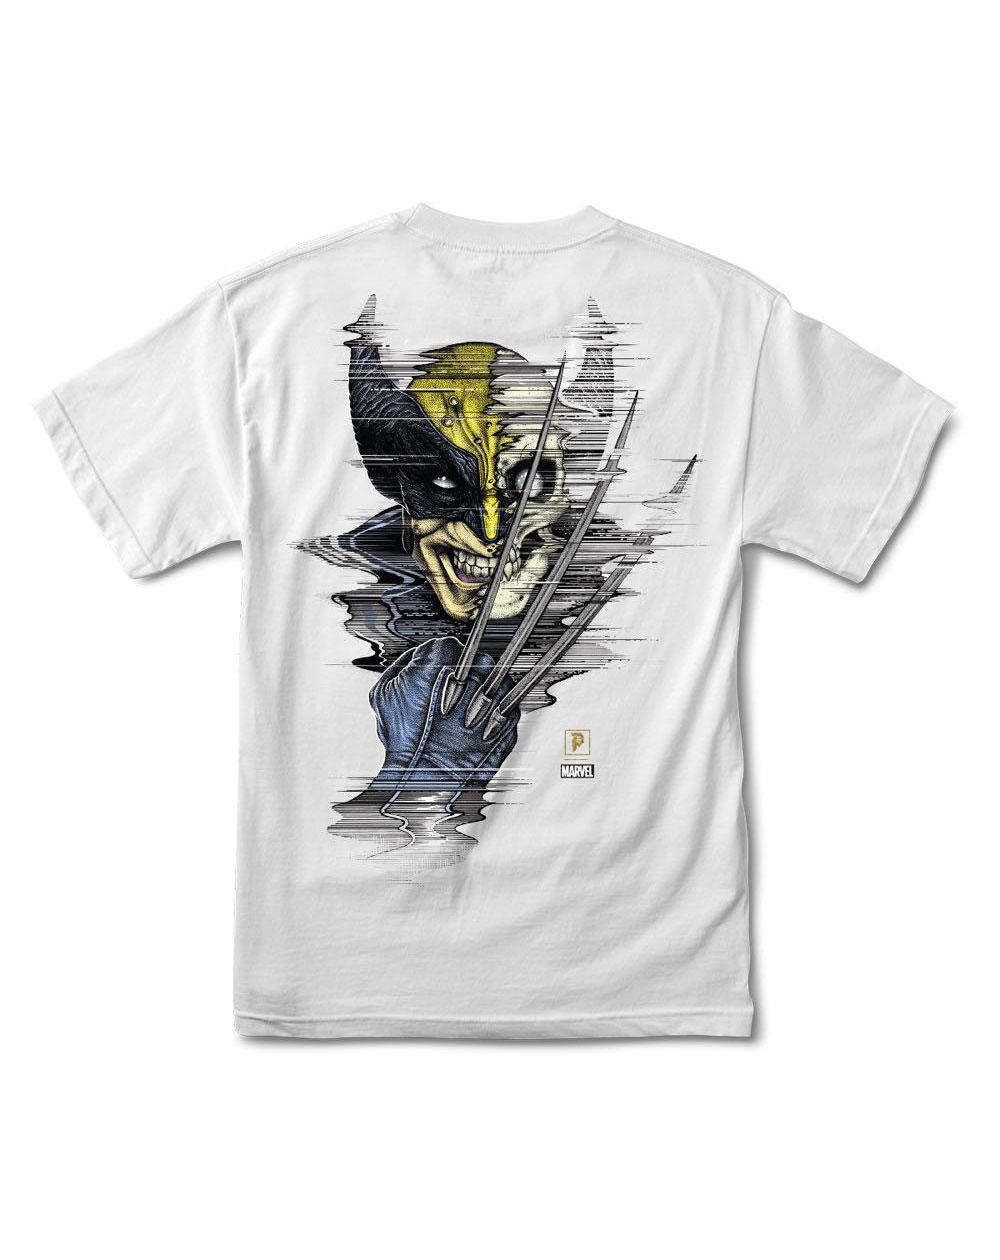 Primitive Men's T-Shirt Paul Jackson x Marvel - Wolverine White